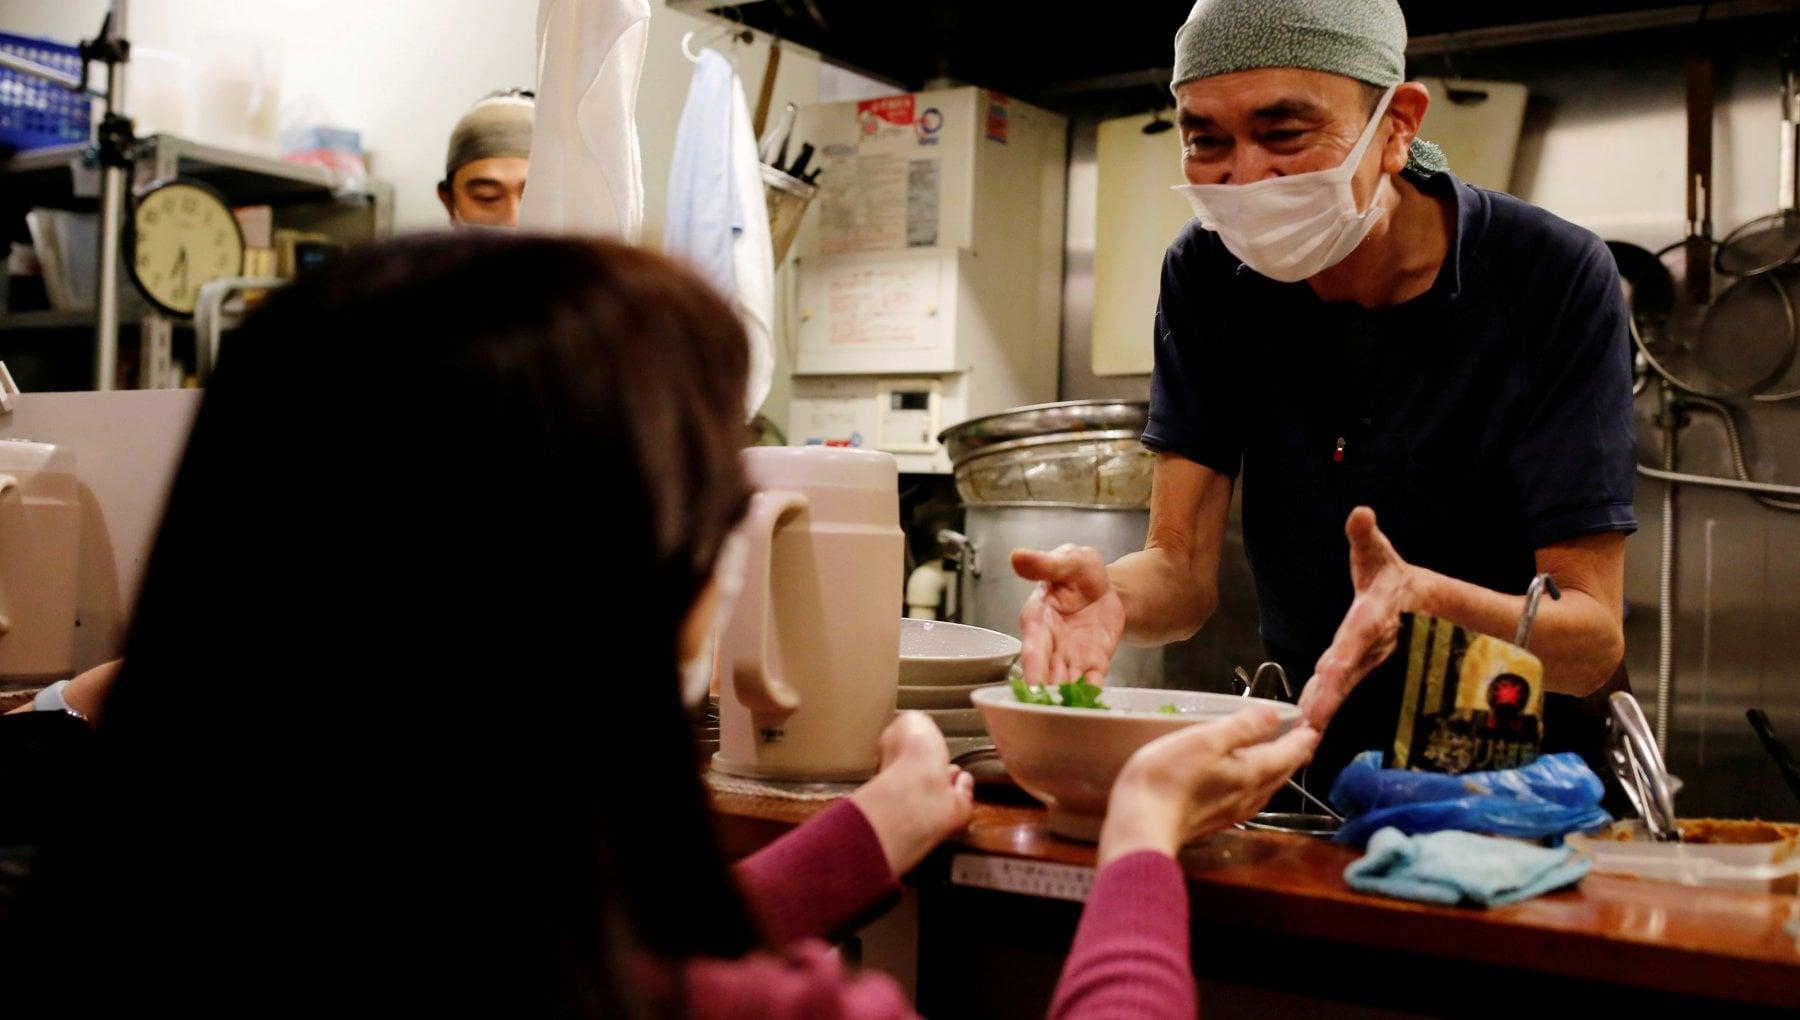 Image Coronavirus nel mondo: oltre 110 milioni contagi, 62 milioni i guariti. Quasi 2,5 milioni i morti